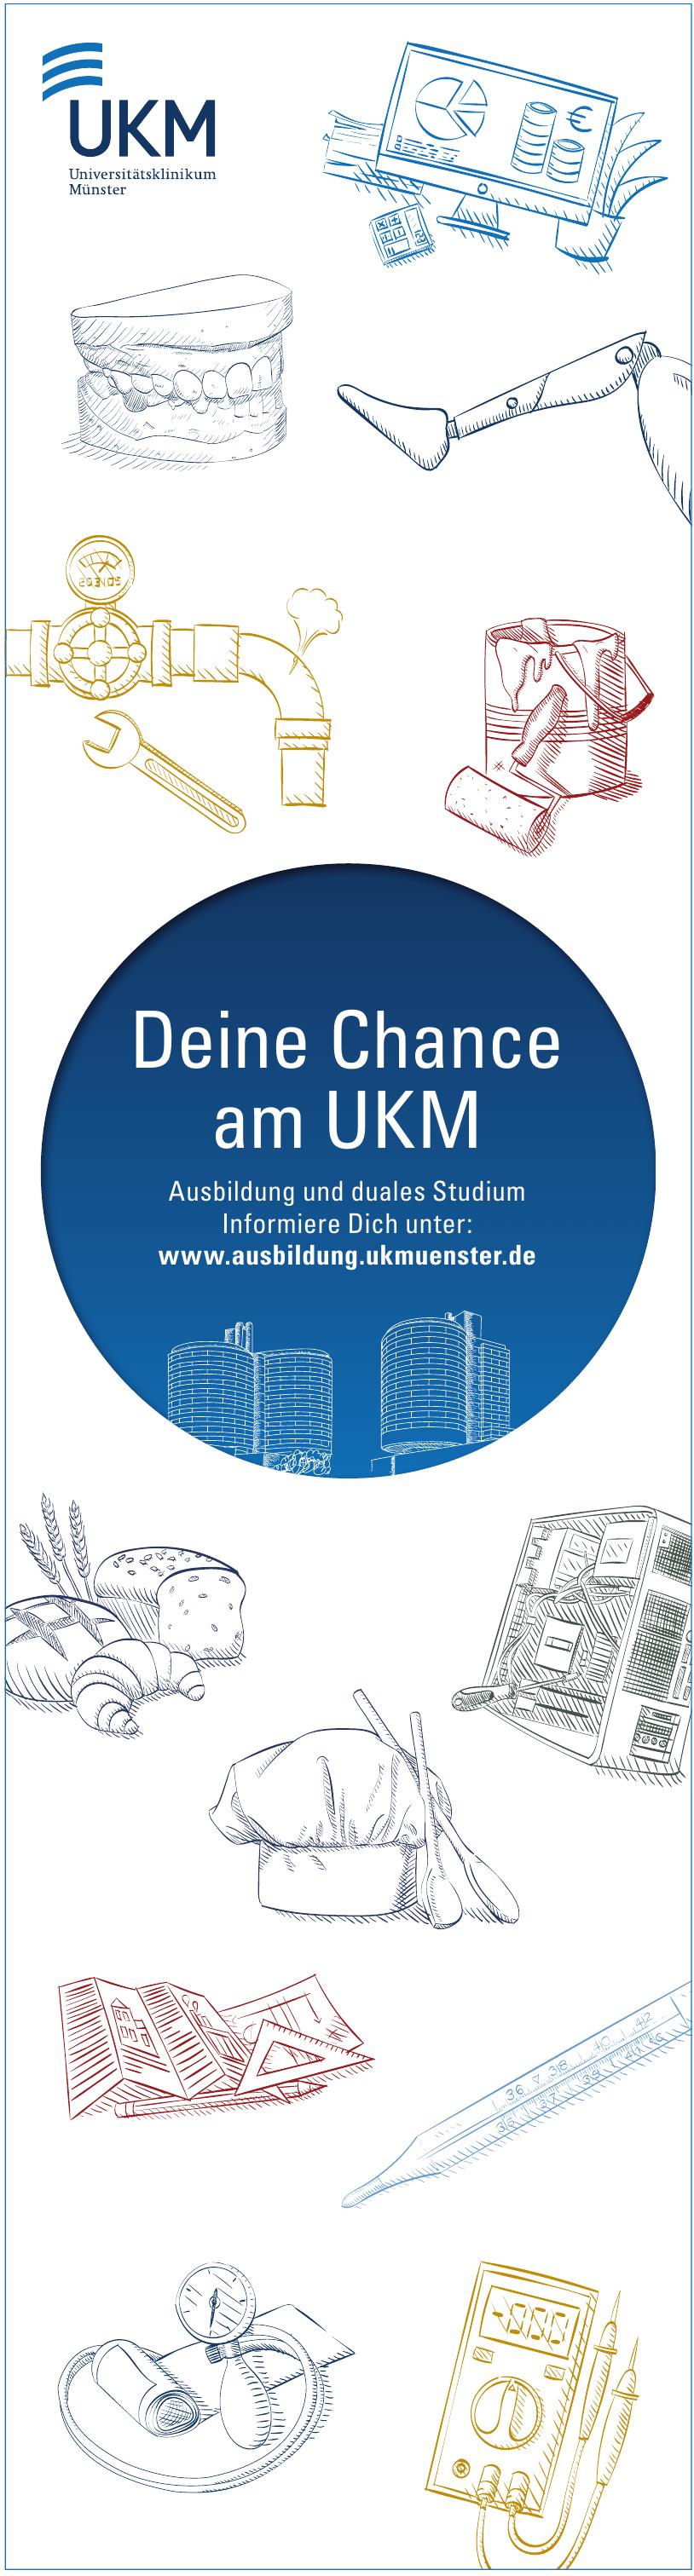 UKM Universitätsklinikum Münster